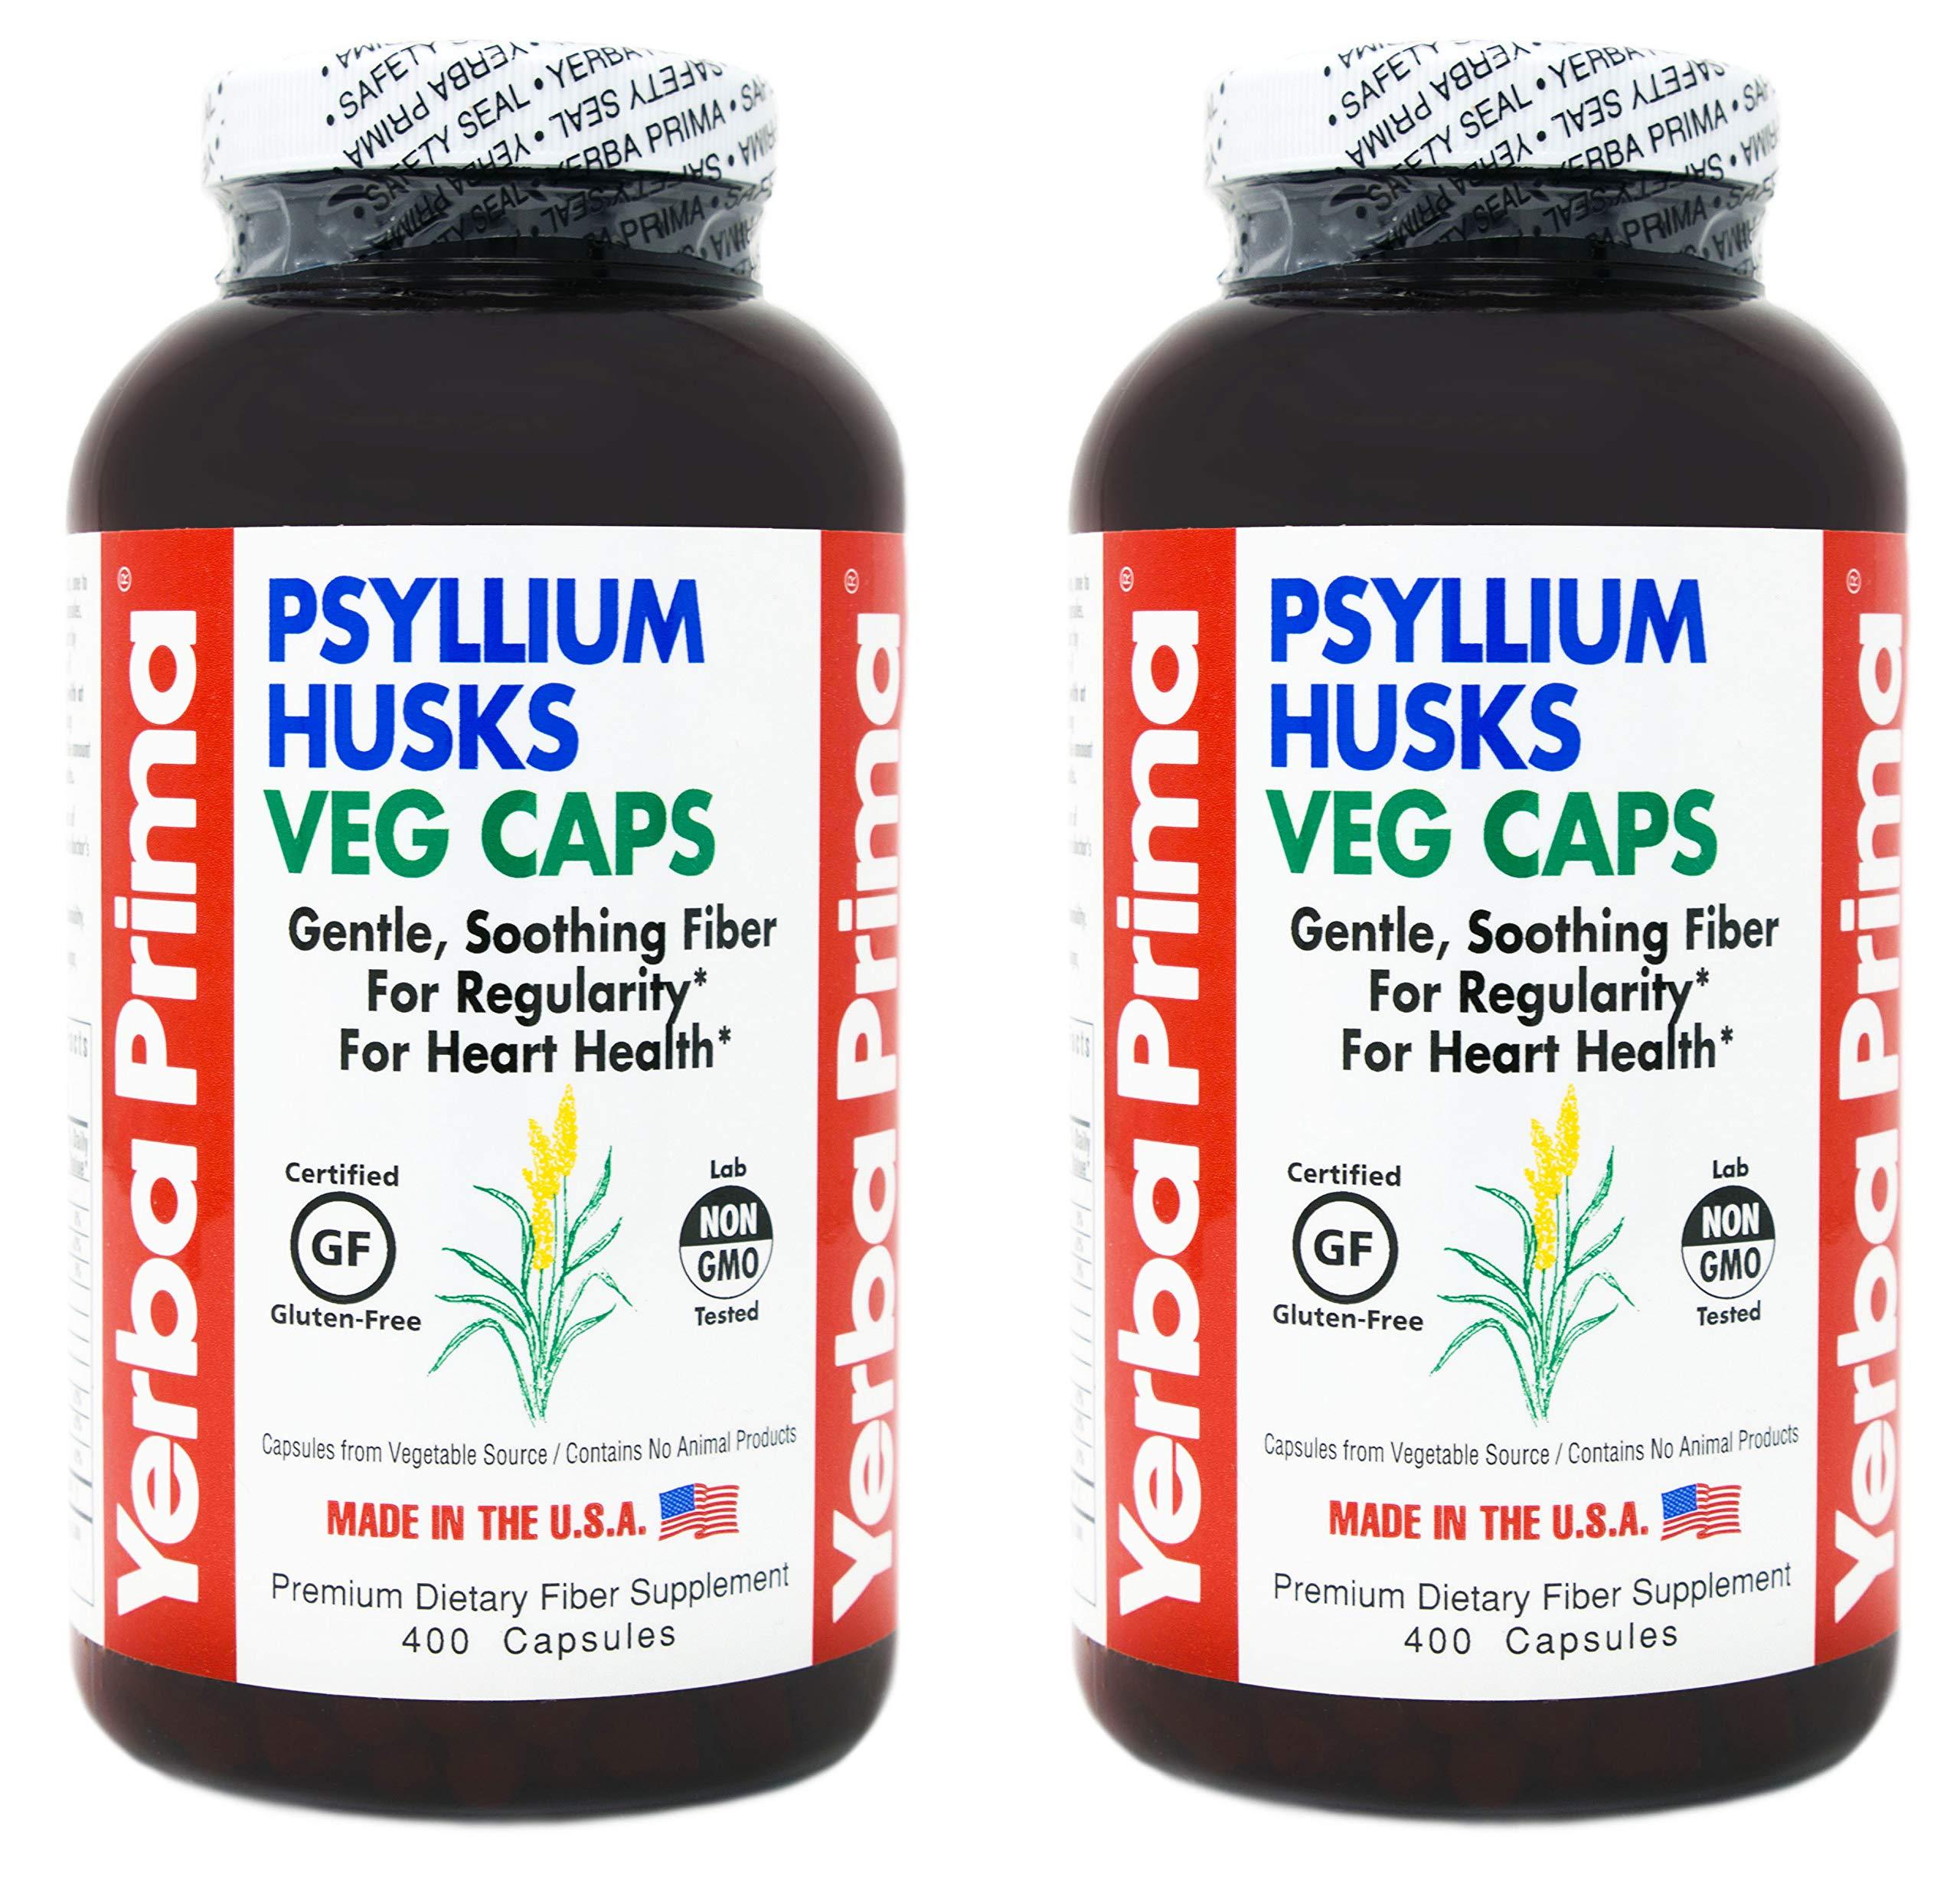 Yerba Prima Psyllium Whole Husk Capsules - 400 Veg Caps (Pack of 2) by Yerba Prima